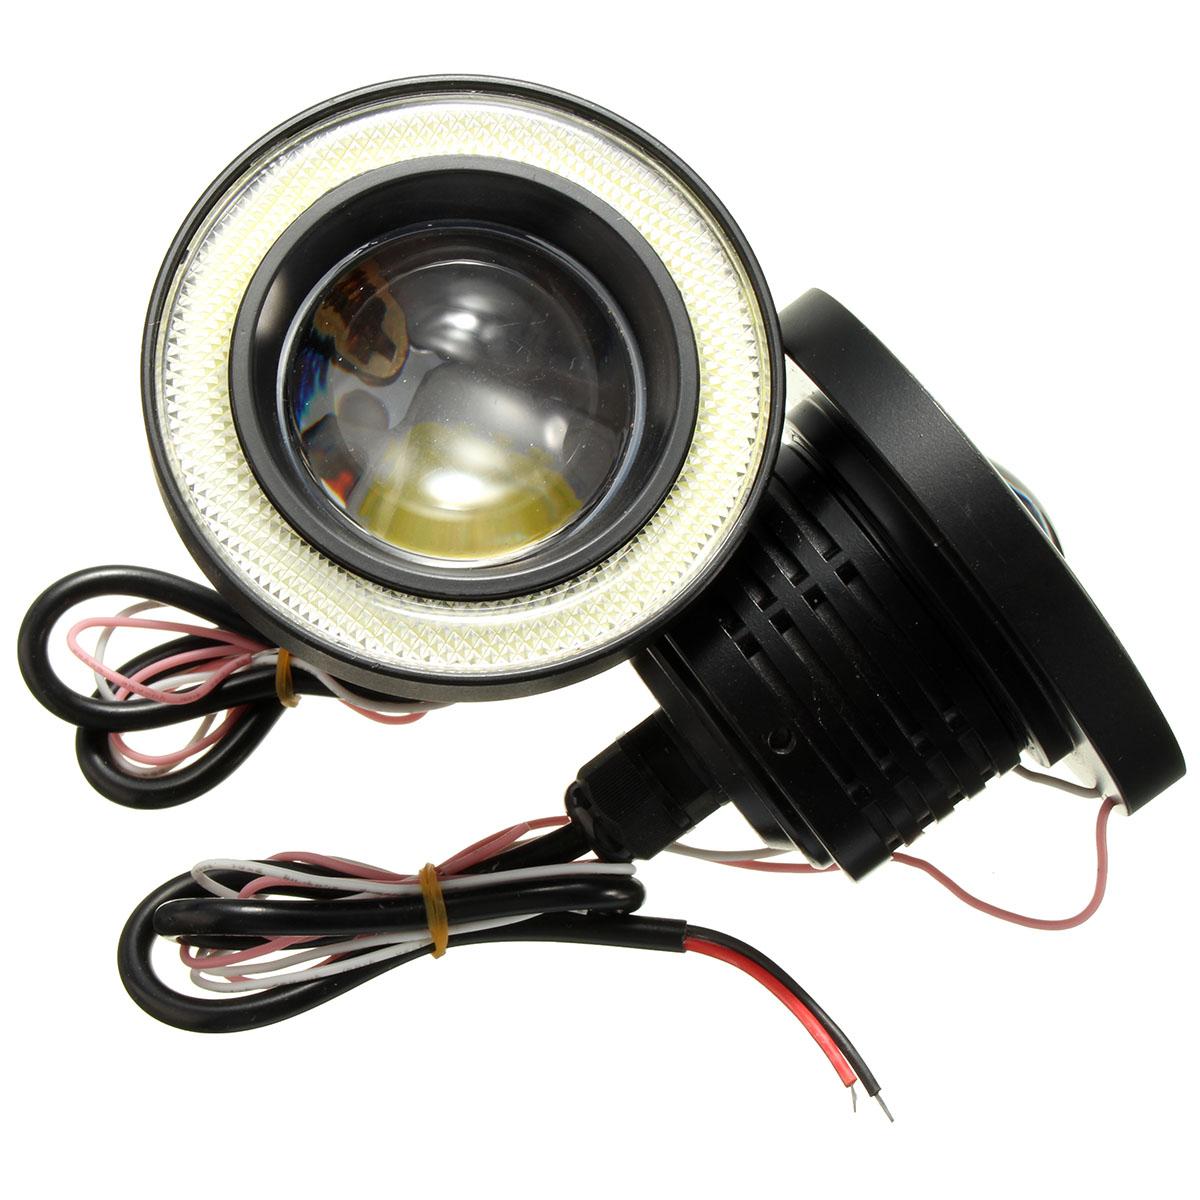 2pcs 3 5 inch led fog light projector angel eyes super. Black Bedroom Furniture Sets. Home Design Ideas